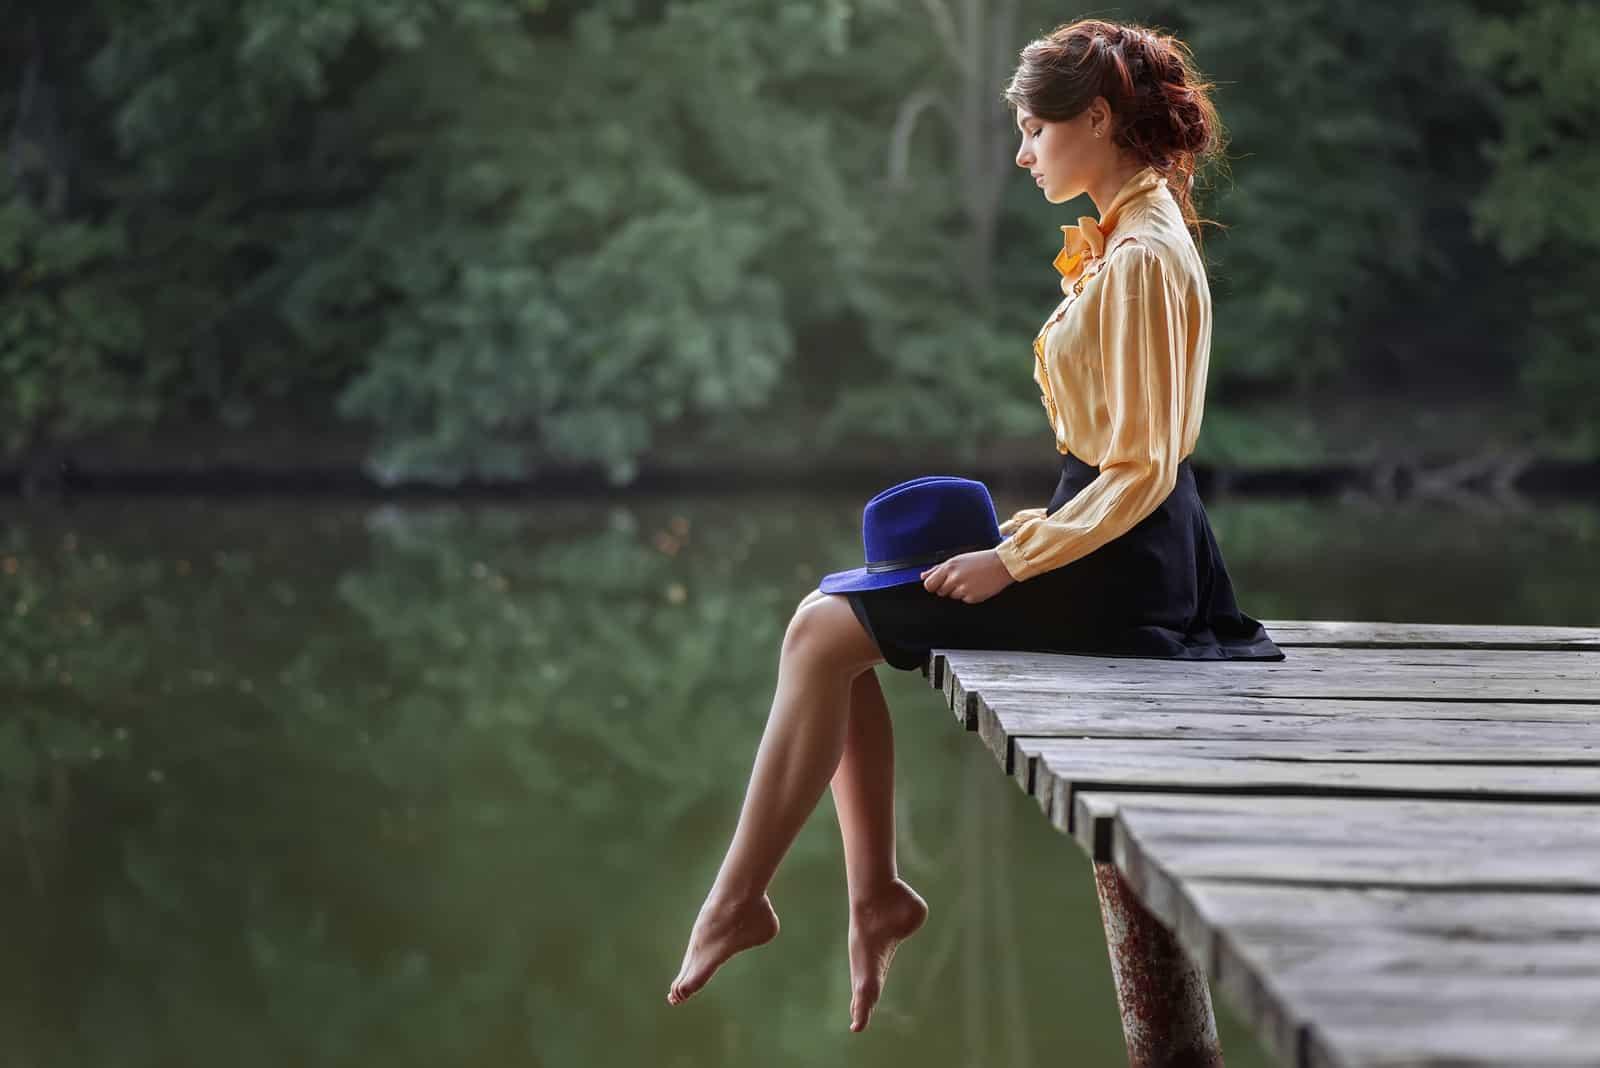 eine imaginäre Frau, die auf einem Pier sitzt